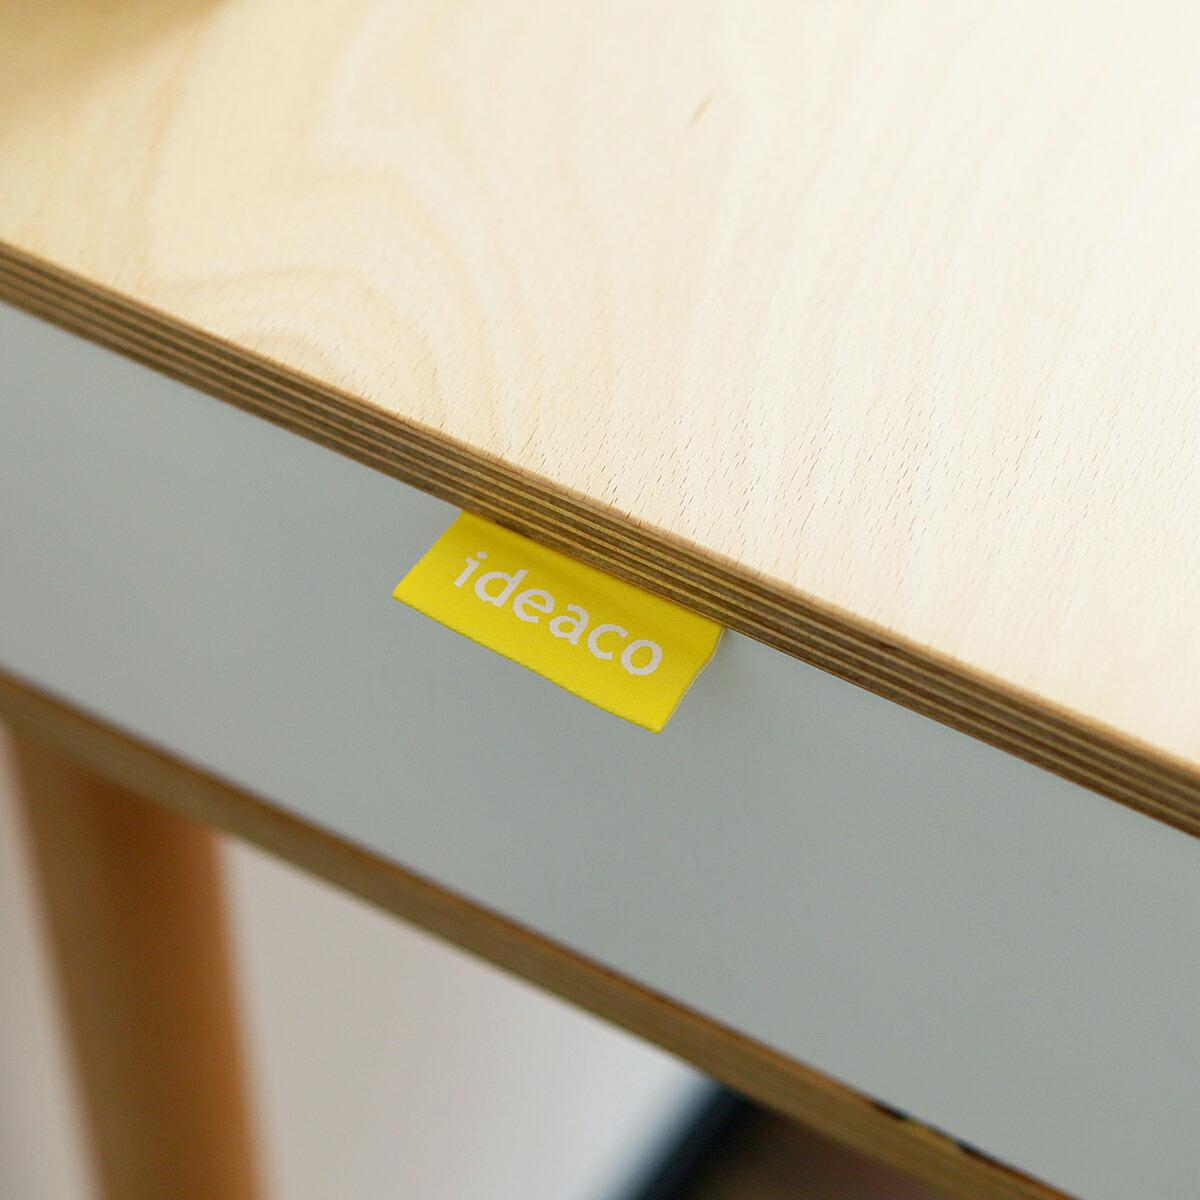 ideaco 家具